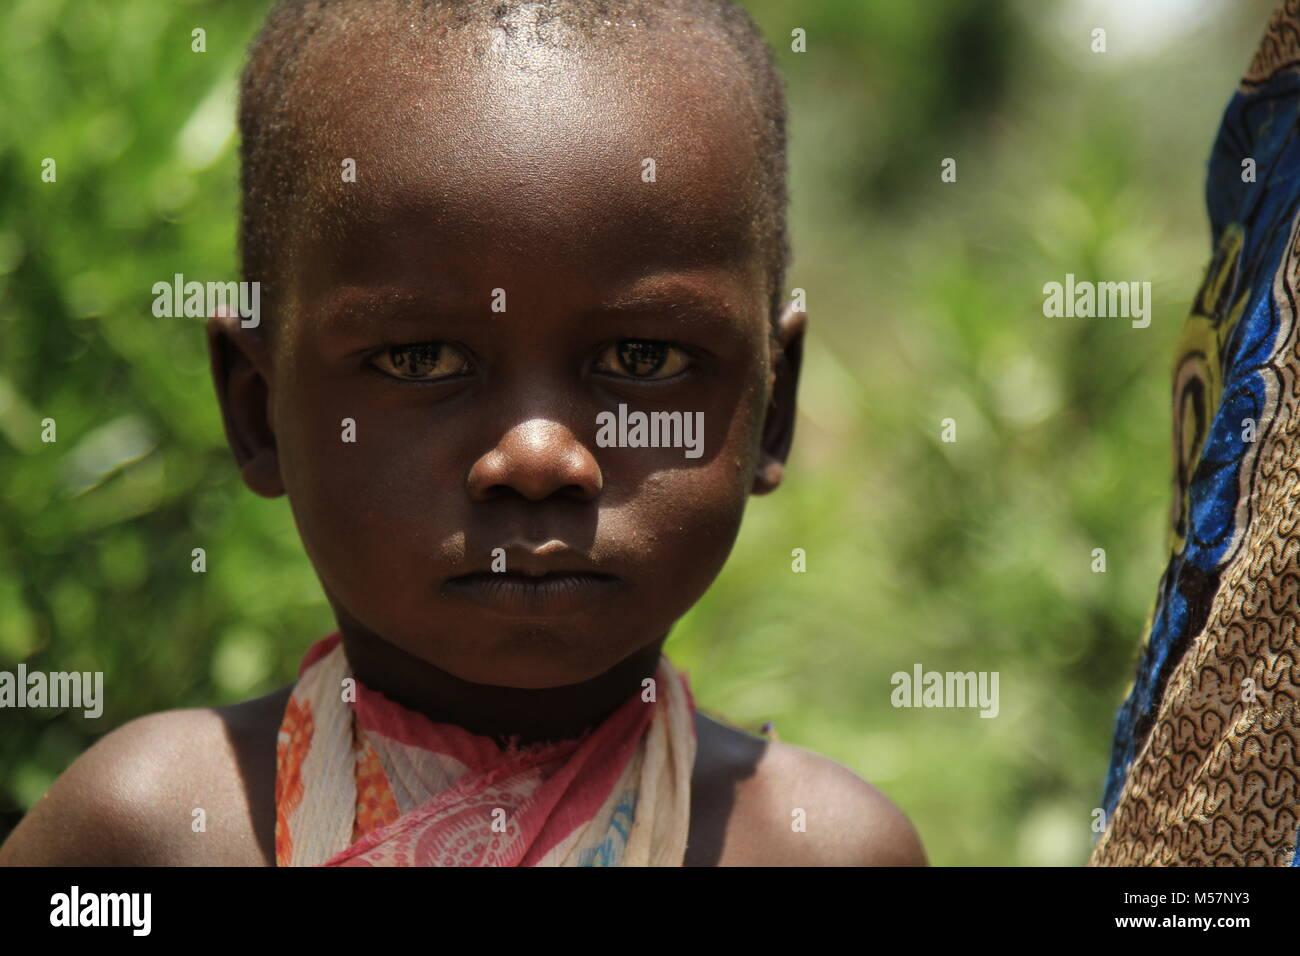 Stoic girl in rural Uganda. - Stock Image